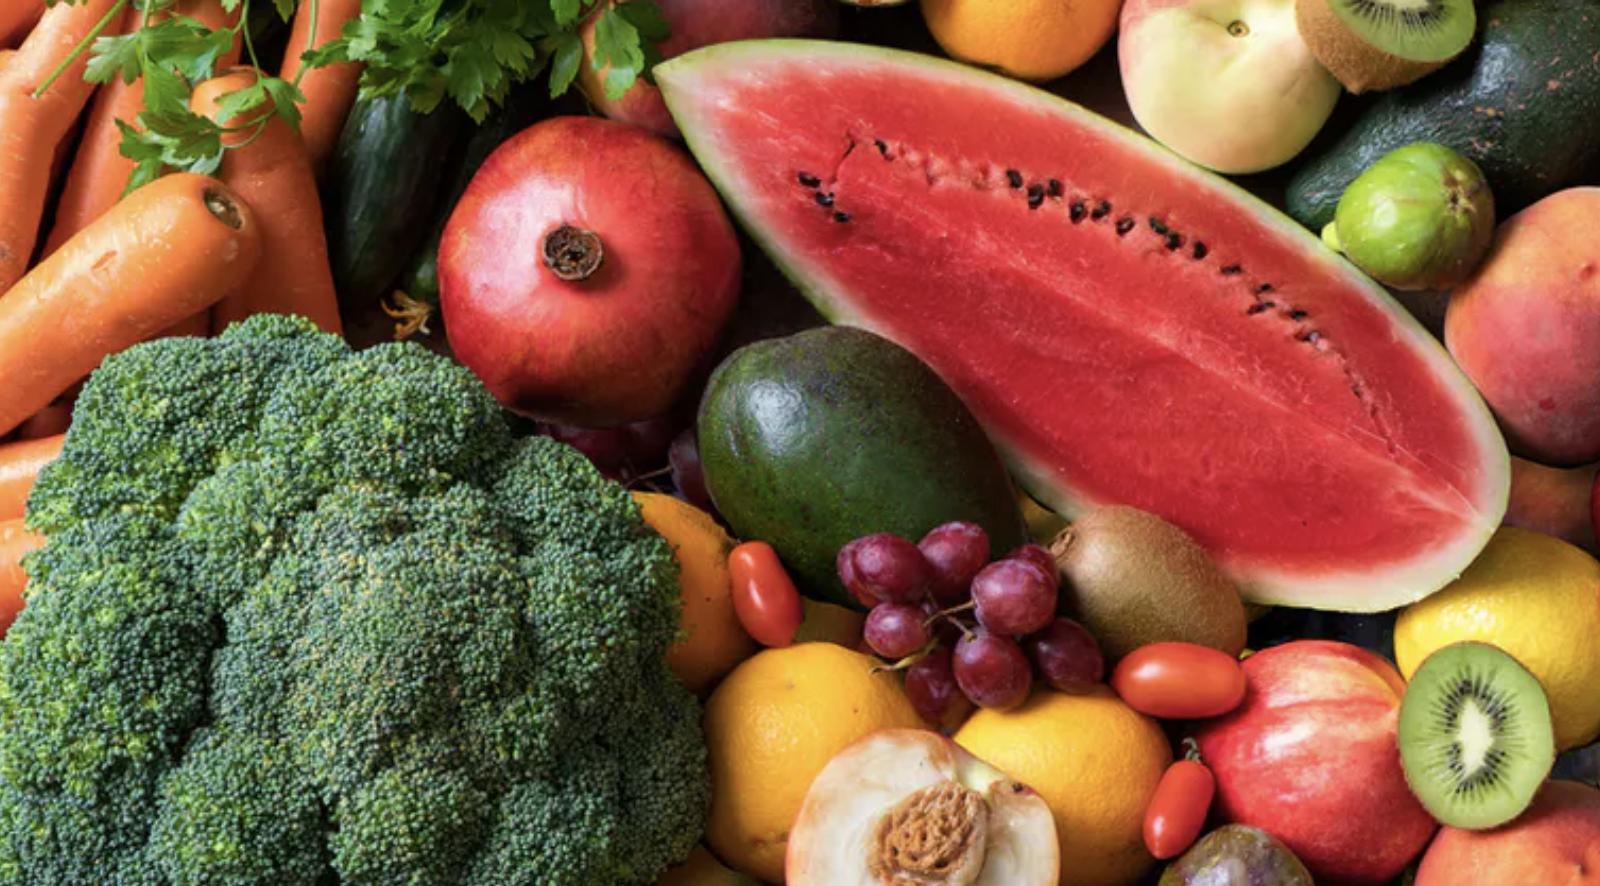 Frutas y verduras, lo más parecido que existe a un 'alimento milagro'